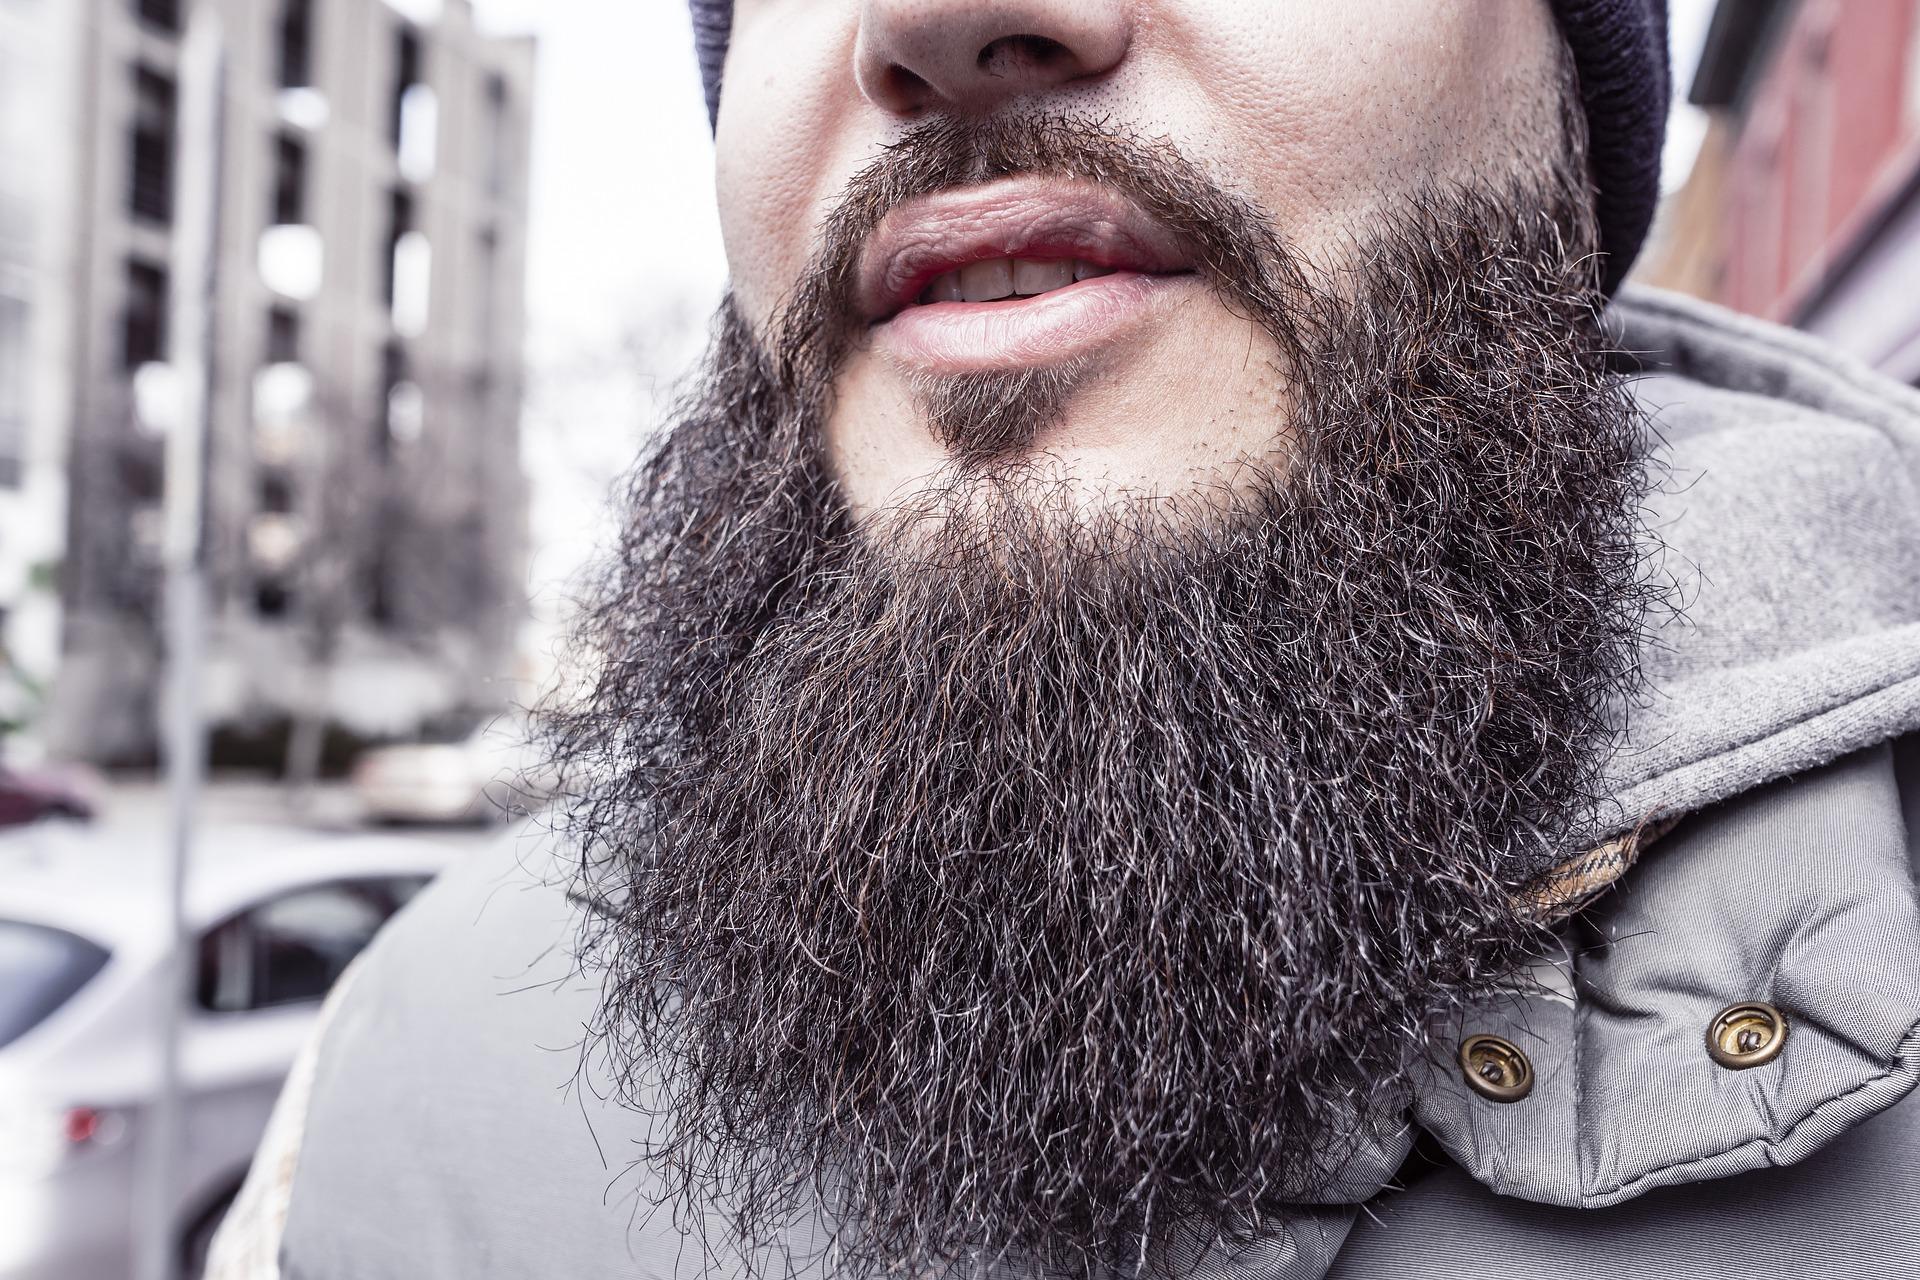 Jetzt endlich den  Bartwuchs anregen und beschleunigen